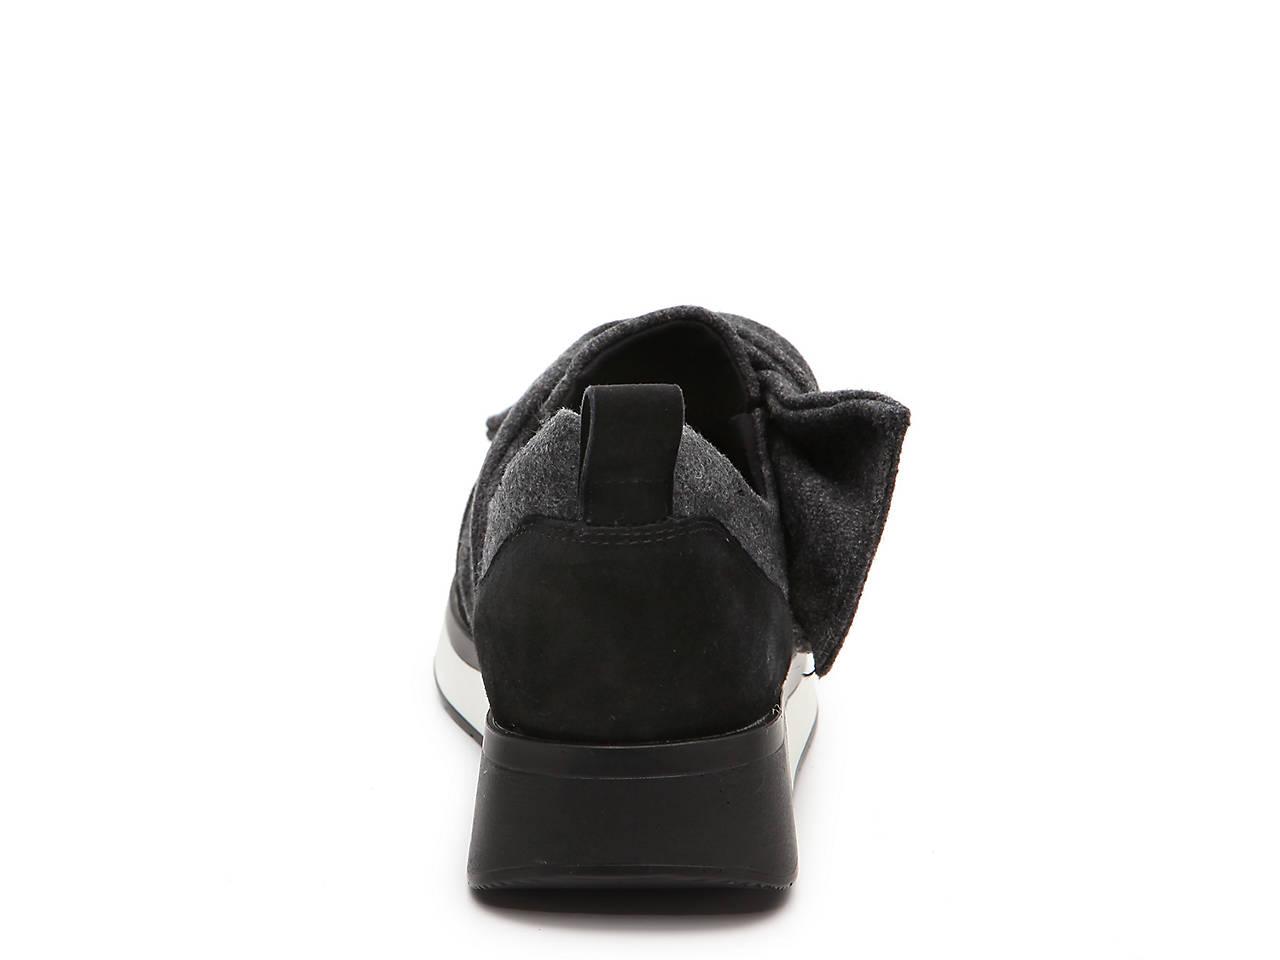 1d54c4799c52 J Slides Kim Bow Slip-On Sneaker Women s Shoes